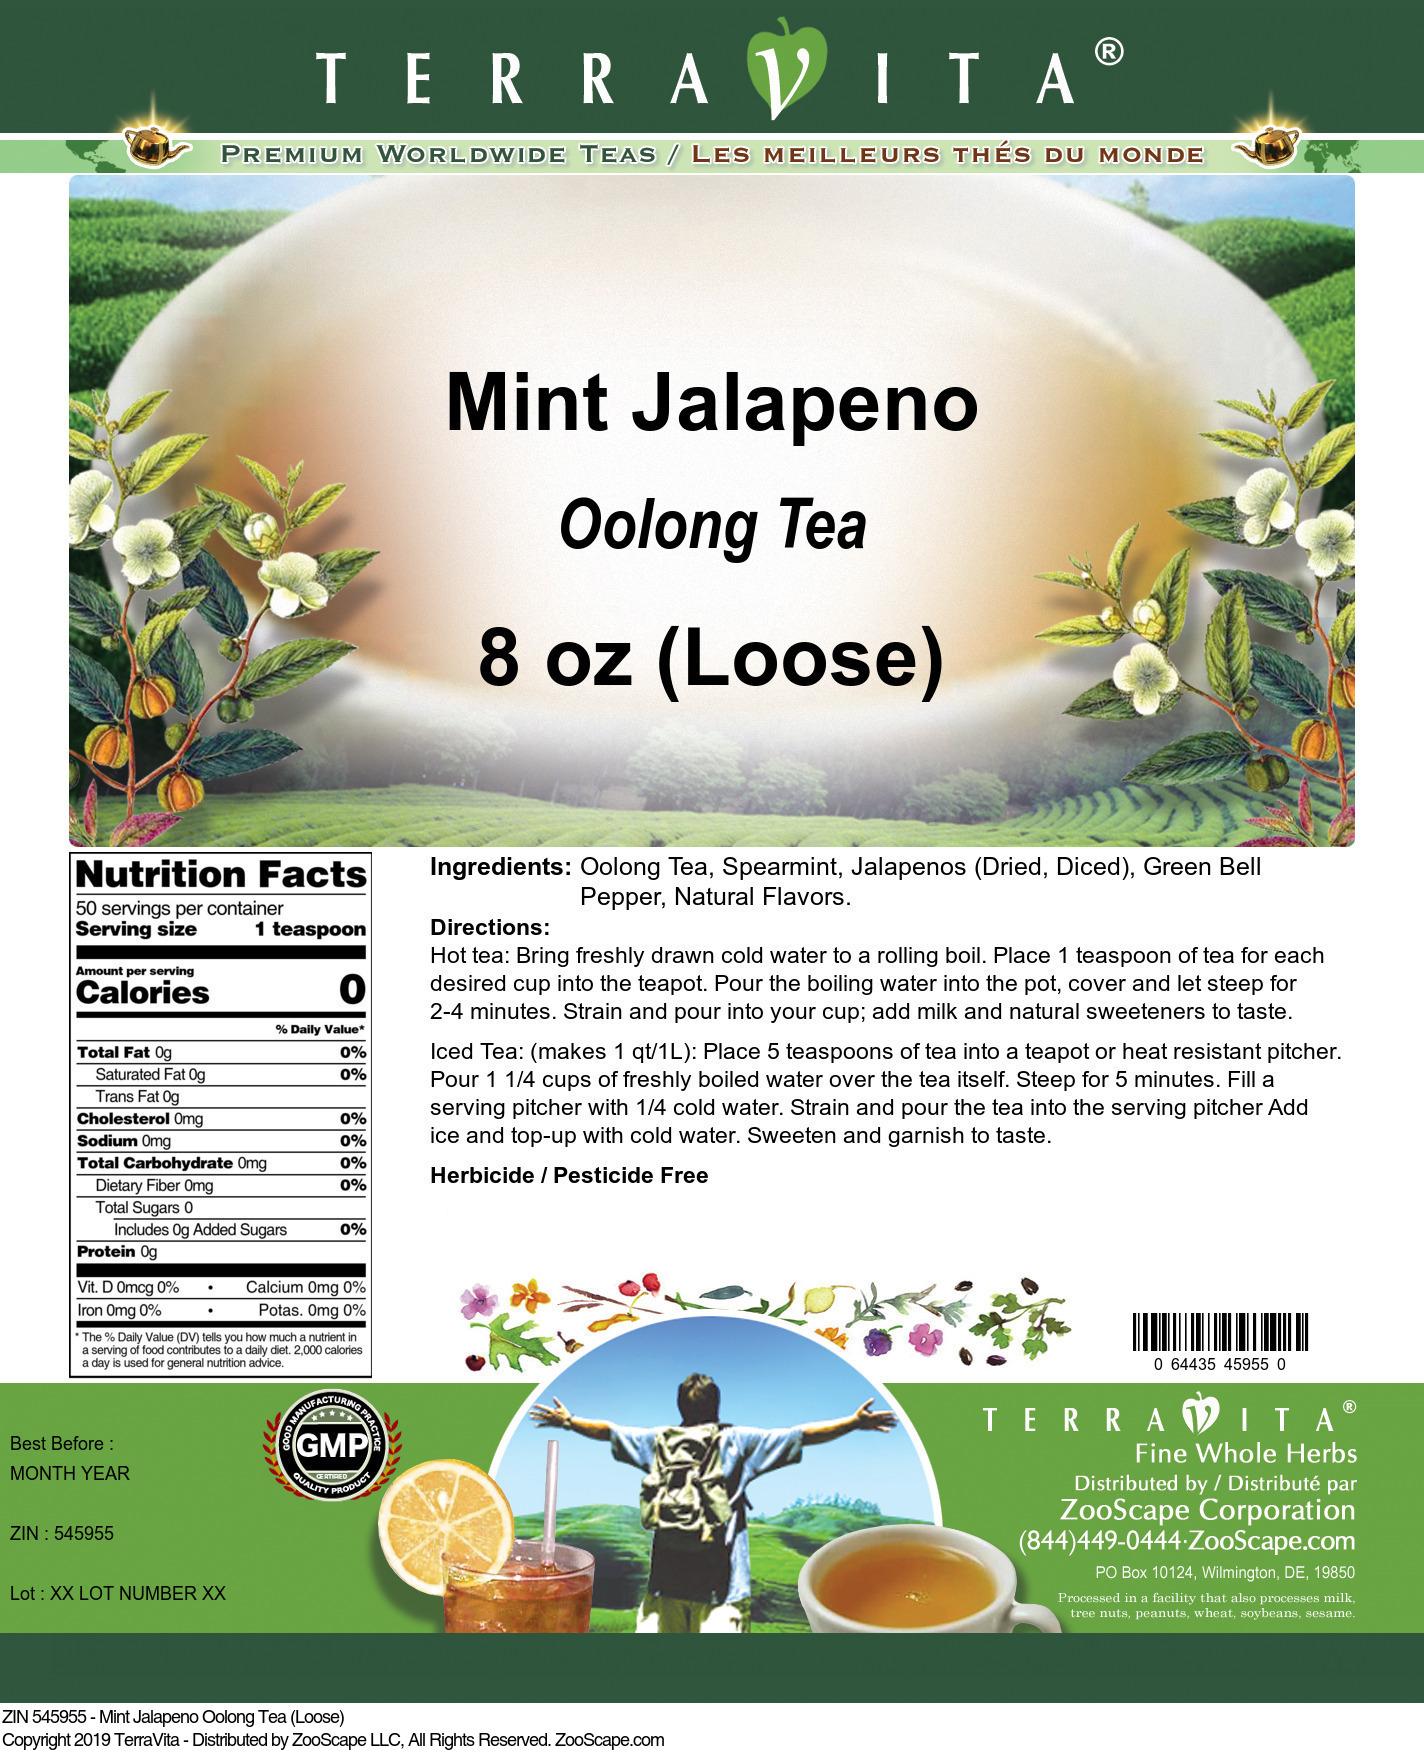 Mint Jalapeno Oolong Tea